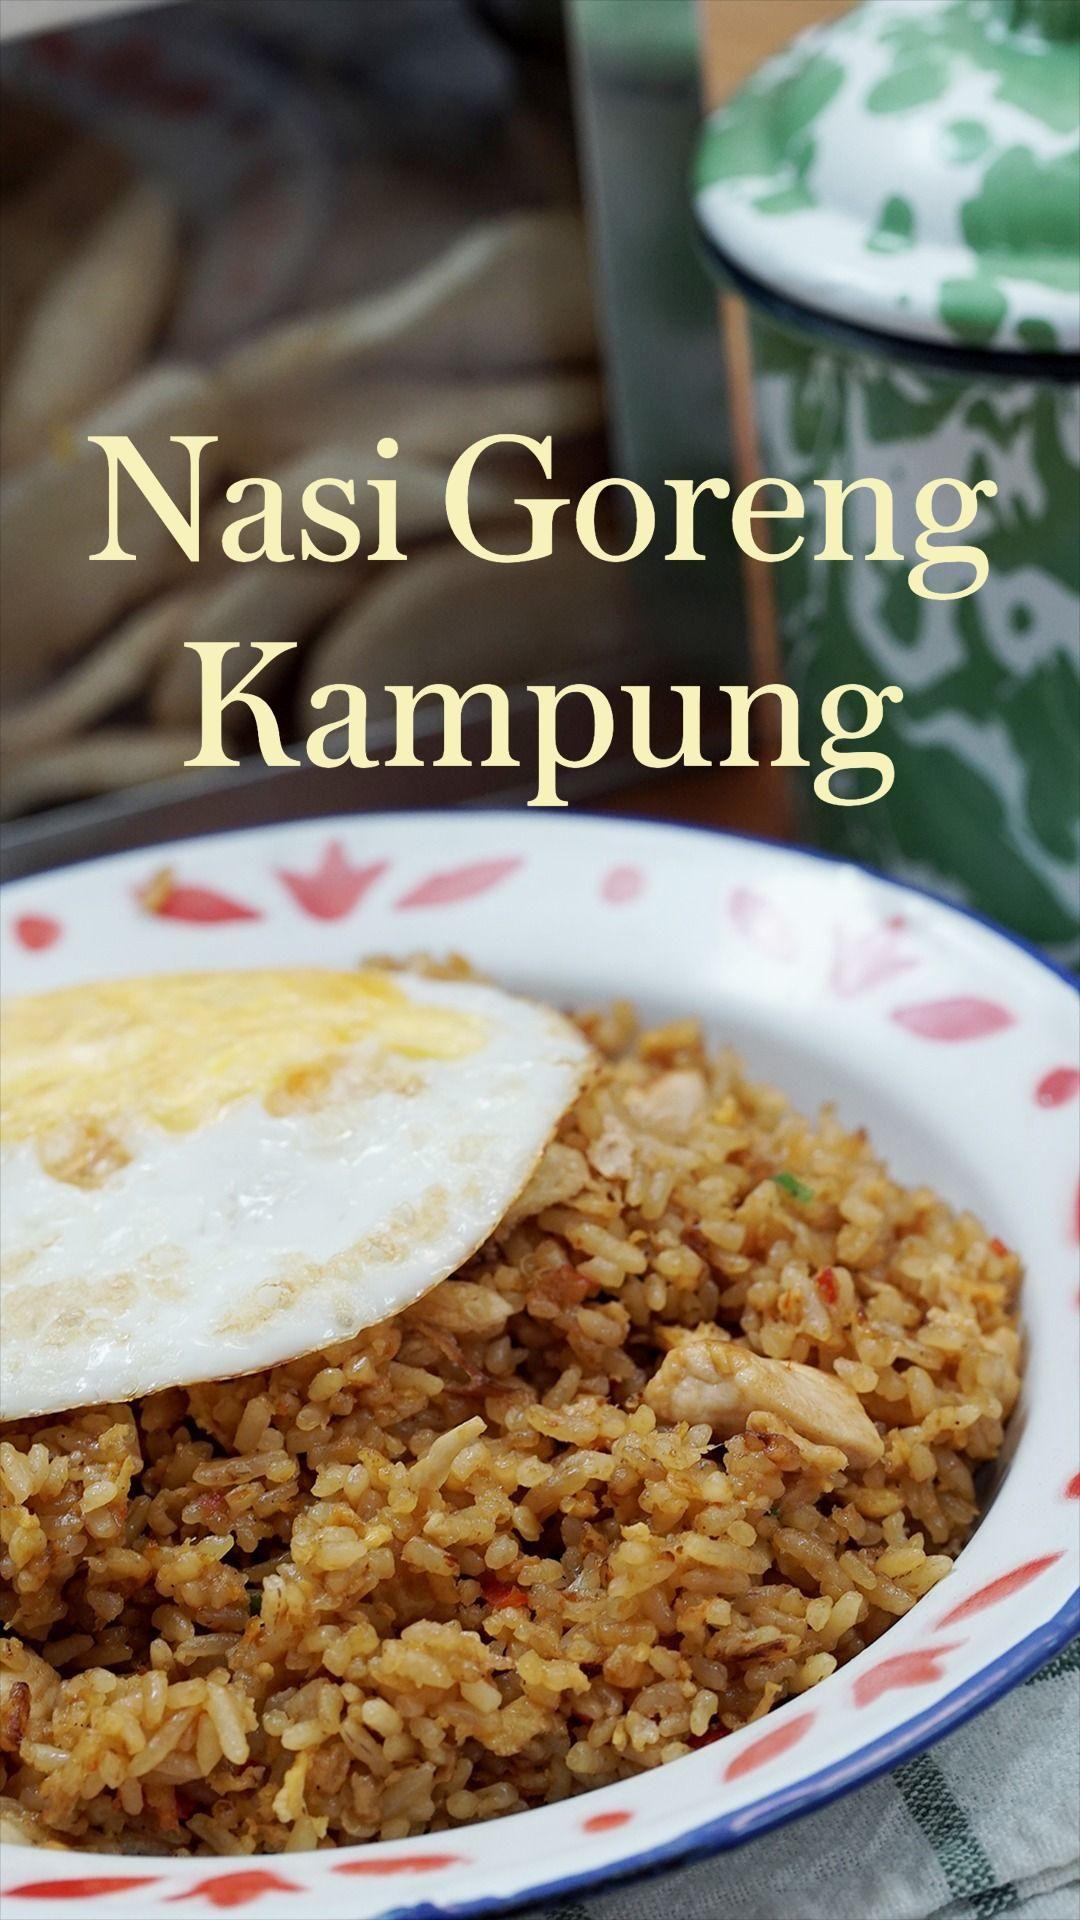 Nasi Goreng Kampung Panduan Mendalam Oleh Tastemade Indonesia